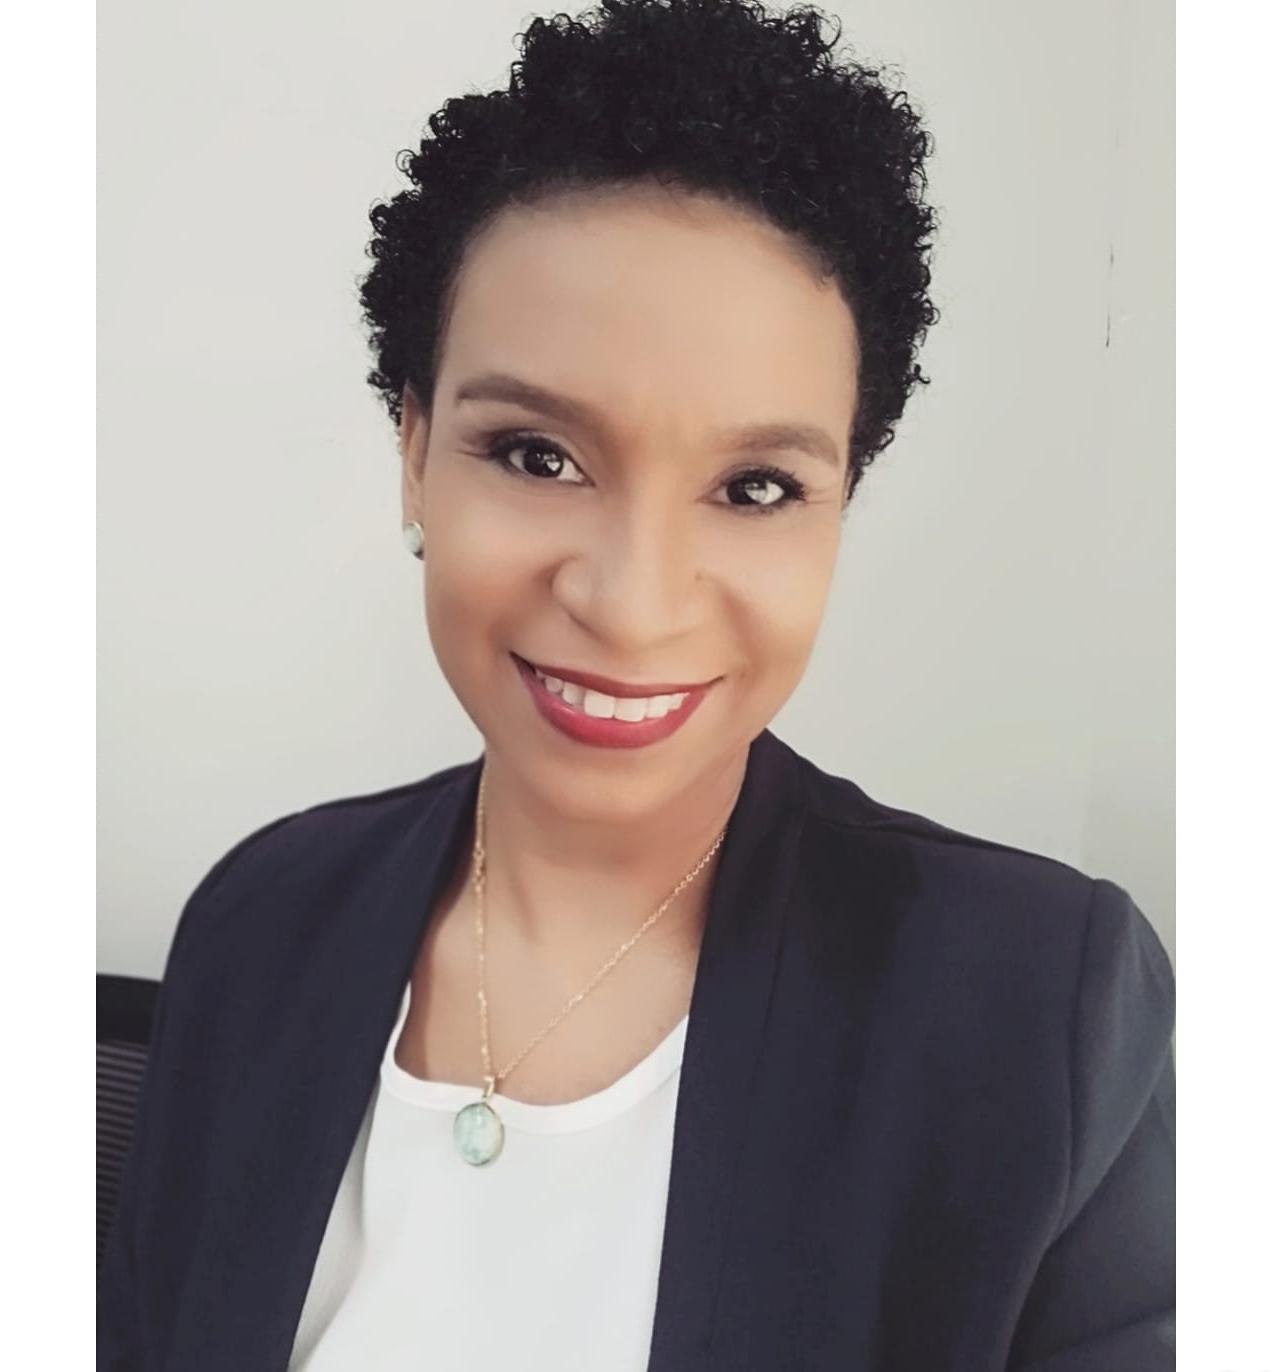 Yesslyn Ivonne Sarmiento Magallón